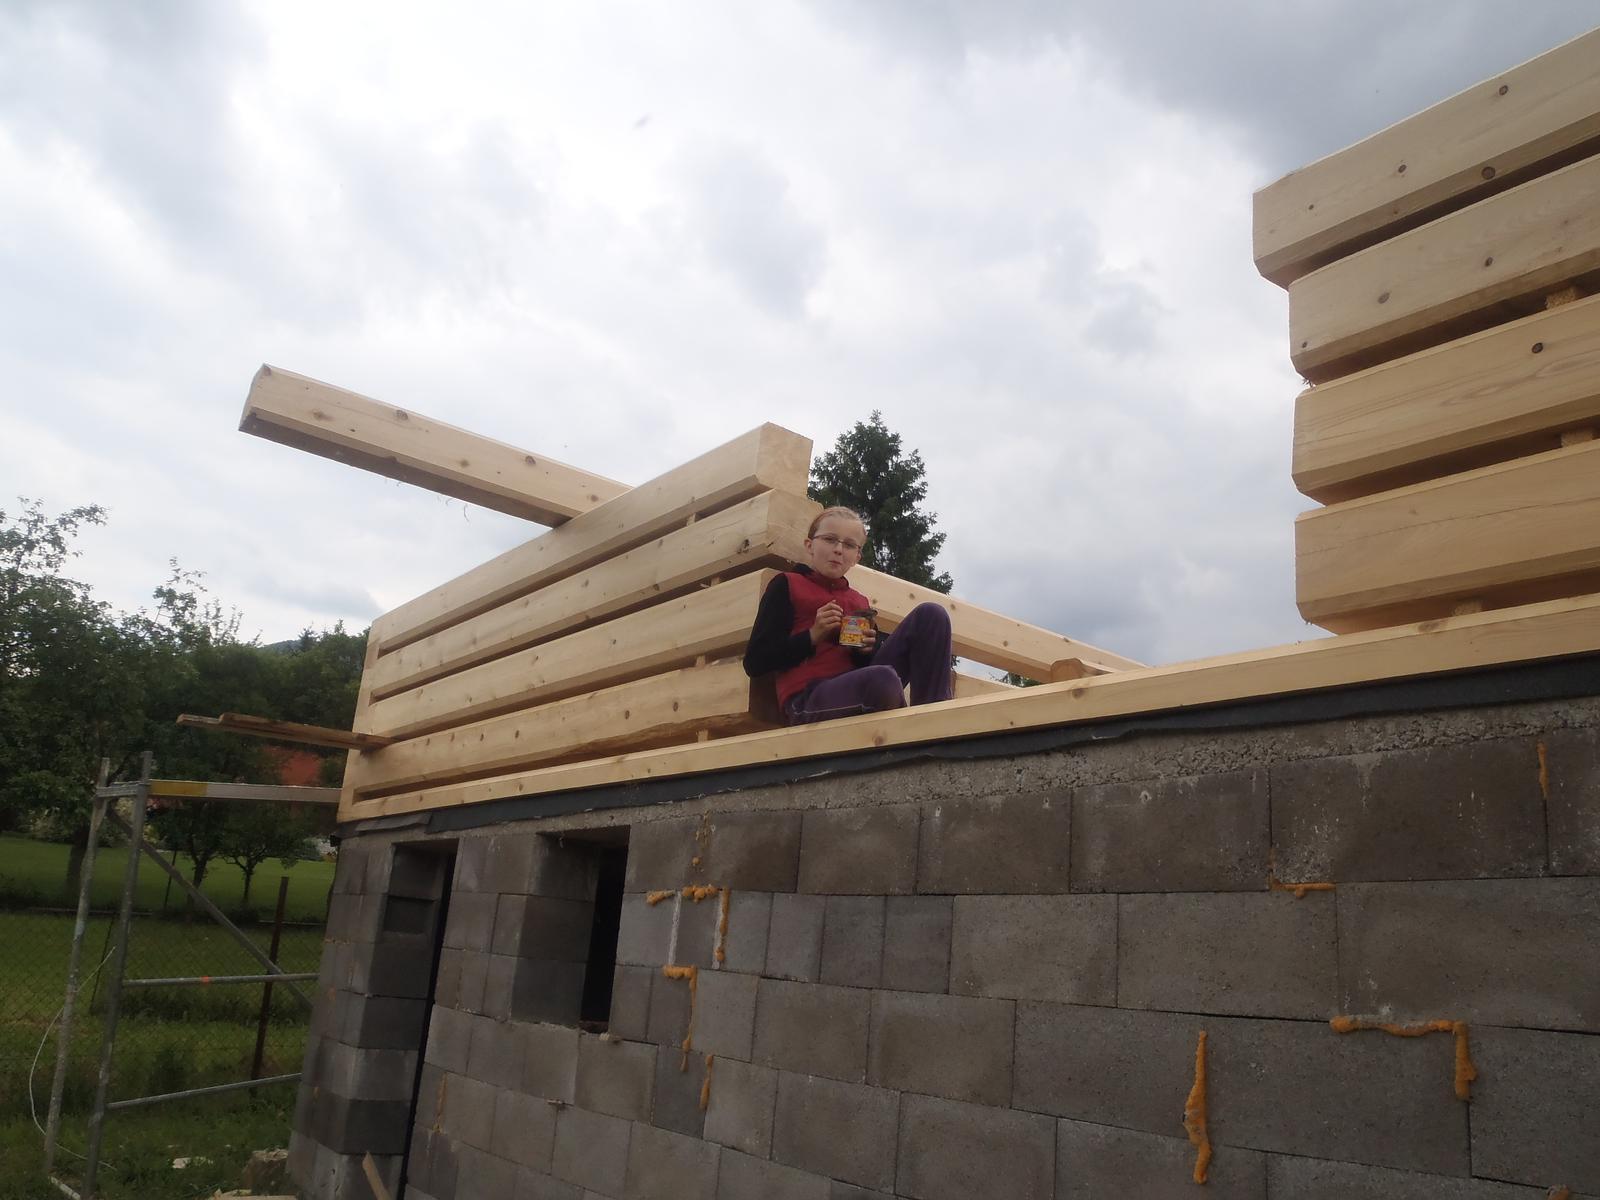 Náš veľký sen o drevenom domčeku! - Obrázok č. 69